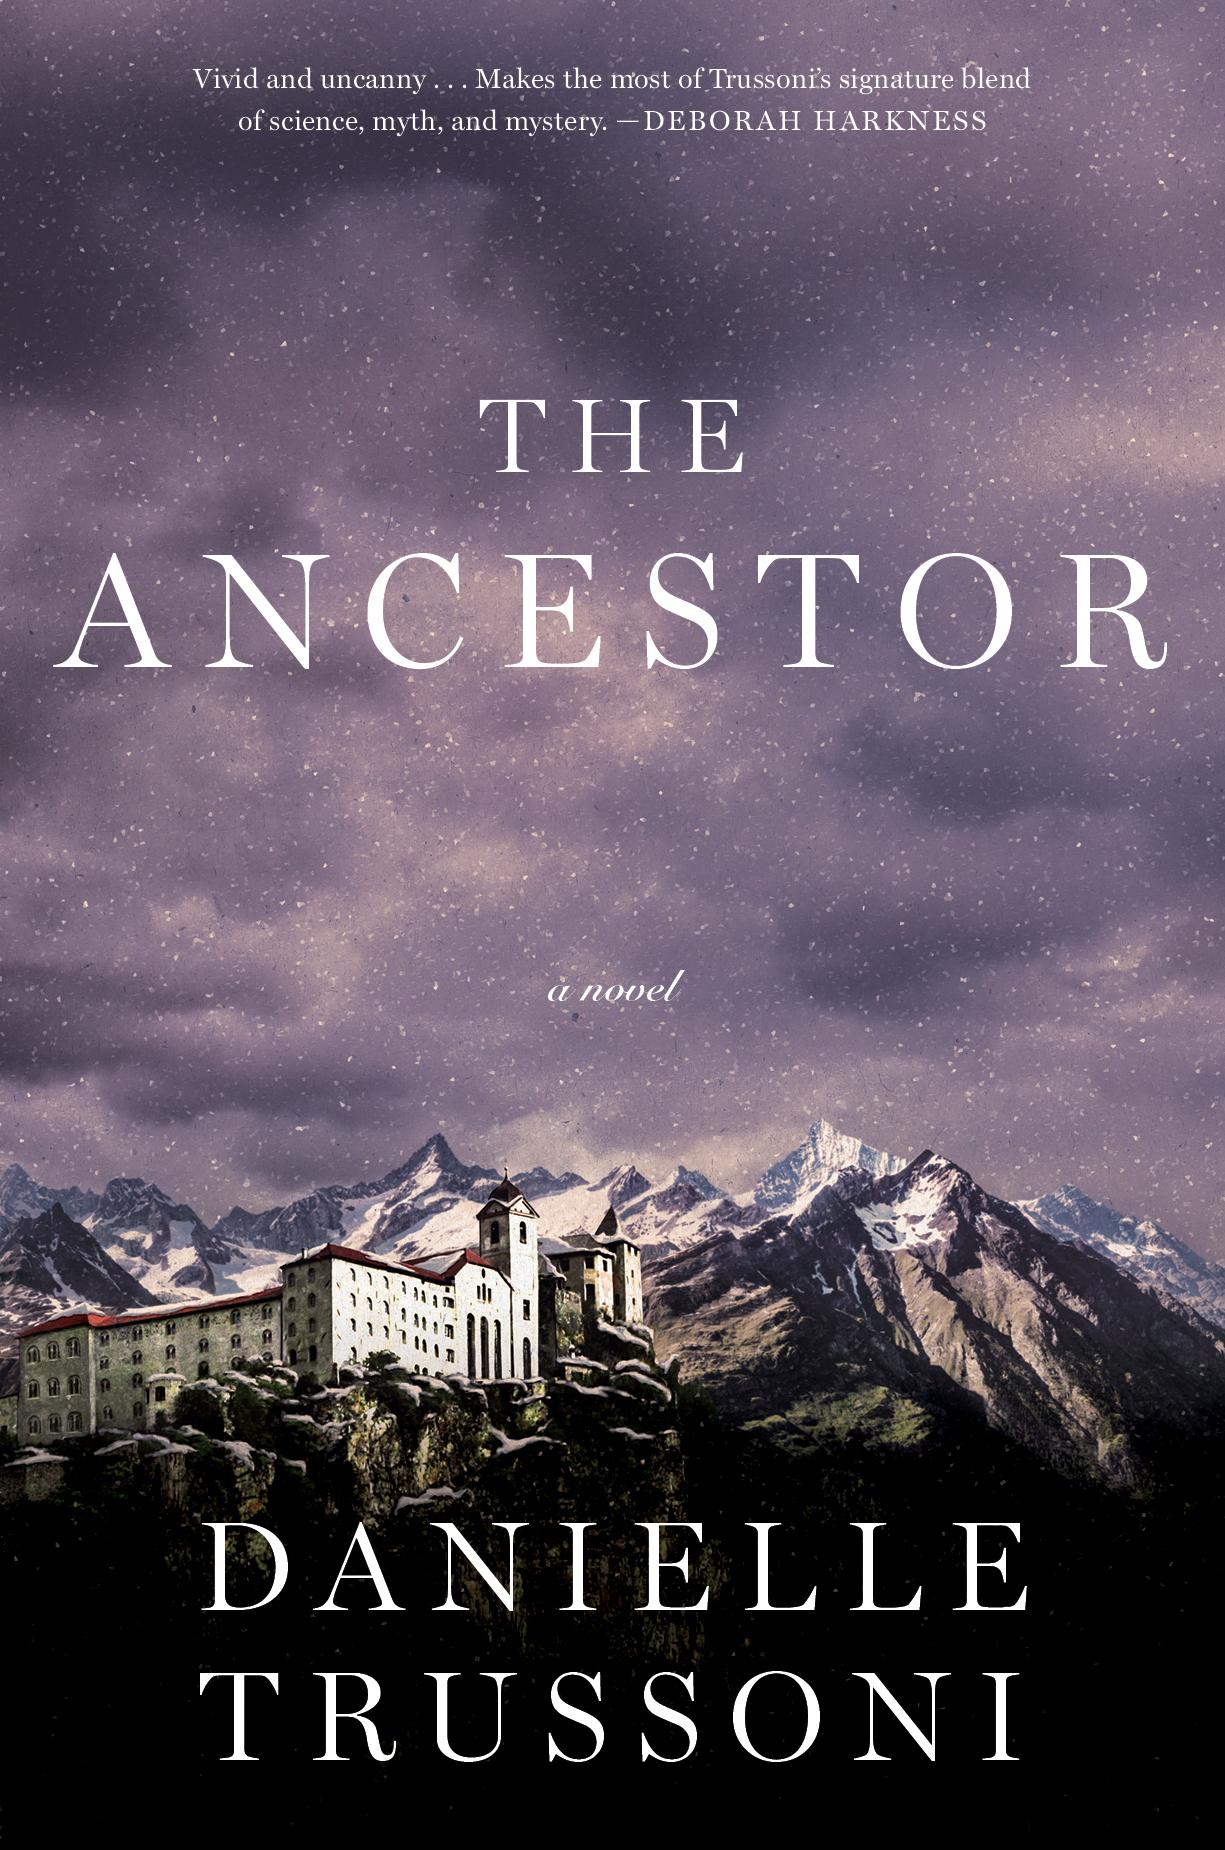 The Ancestor - Danielle Trussoni